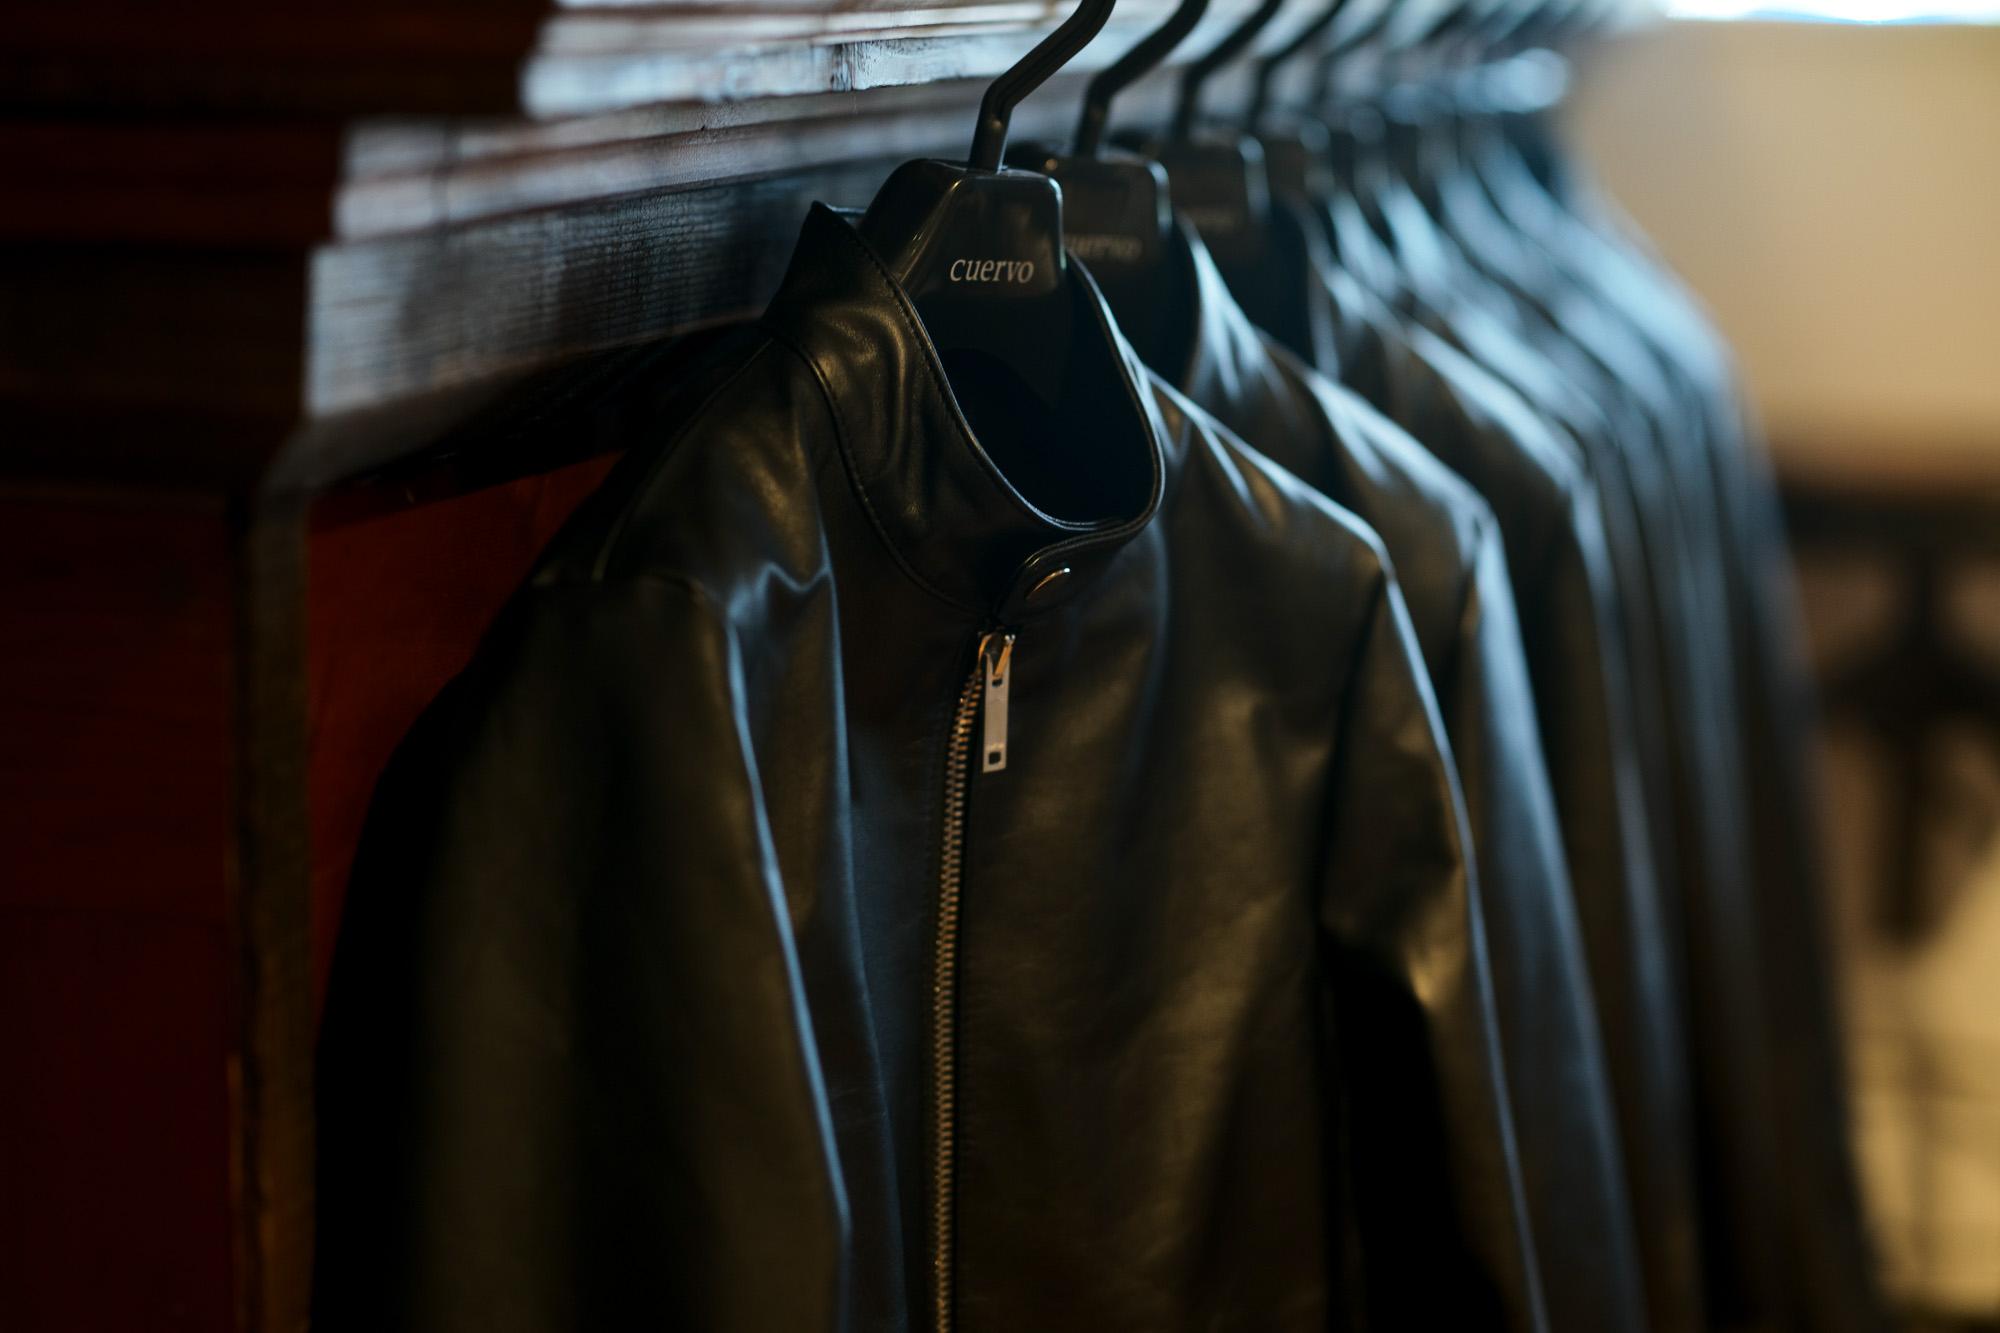 cuervo bopoha (クエルボ ヴァローナ) Satisfaction Leather Collection (サティスファクション レザー コレクション) RICHARD (リチャード) COW LEATHER (カウレザー) シングル ライダース ジャケット BLACK (ブラック) MADE IN JAPAN (日本製) 2019 秋冬新作 【入荷しました】【フリー分発売開始】 cuervobopoha 愛知 名古屋 altoediritto アルトエデリット